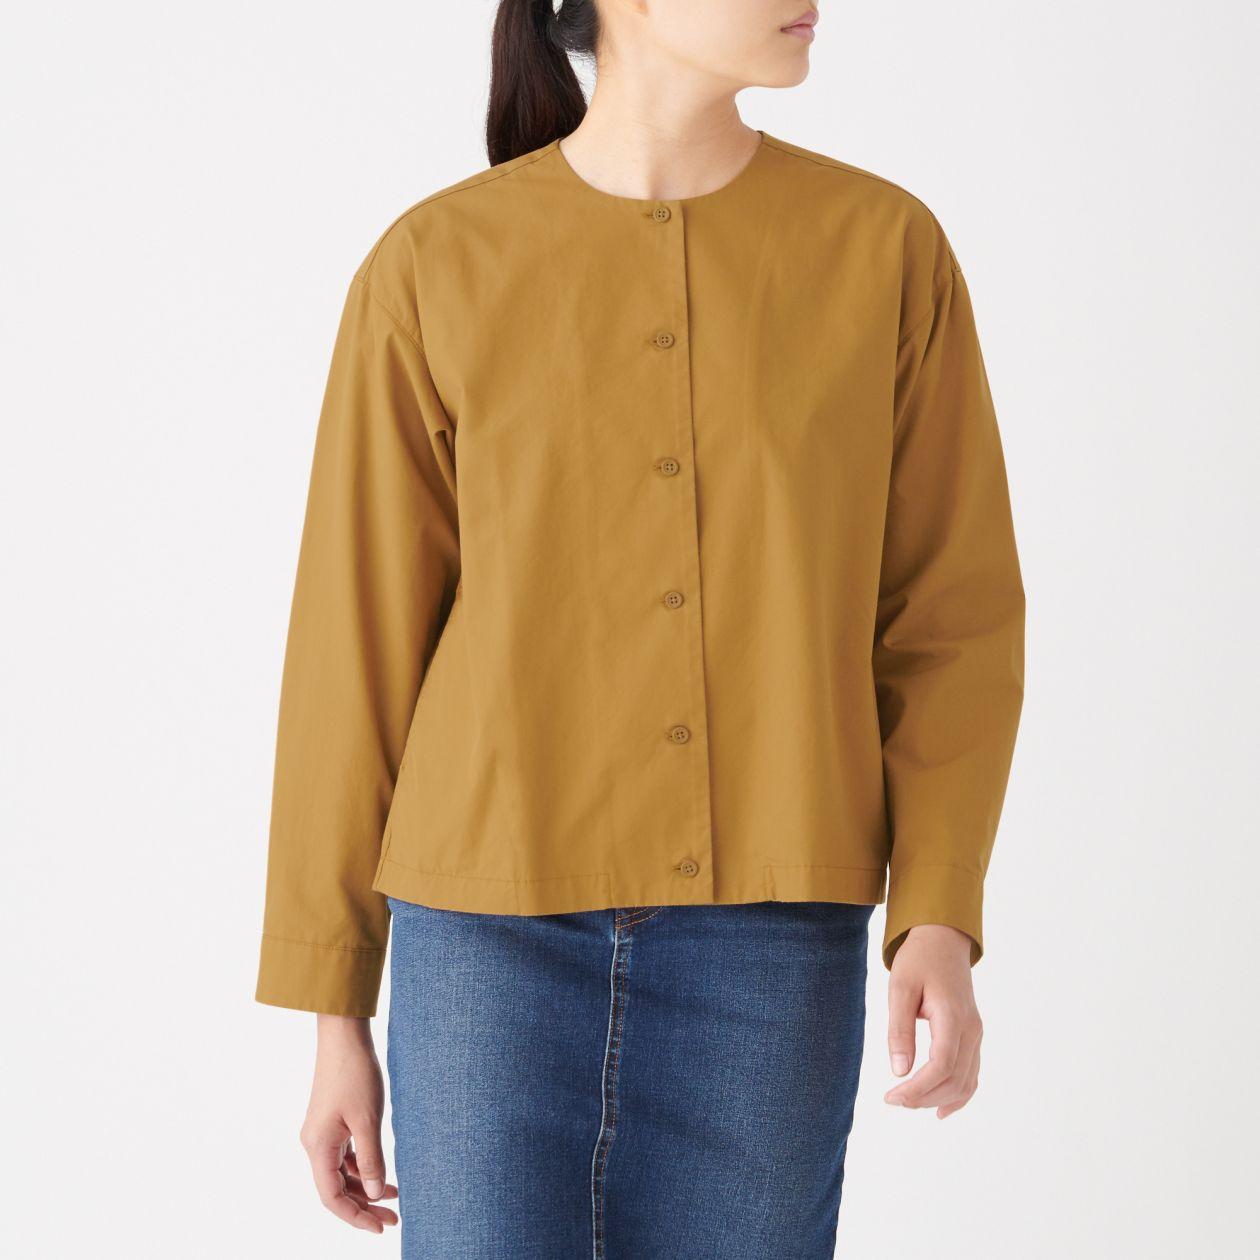 新疆綿洗いざらしピンオックスクルーネックシャツ